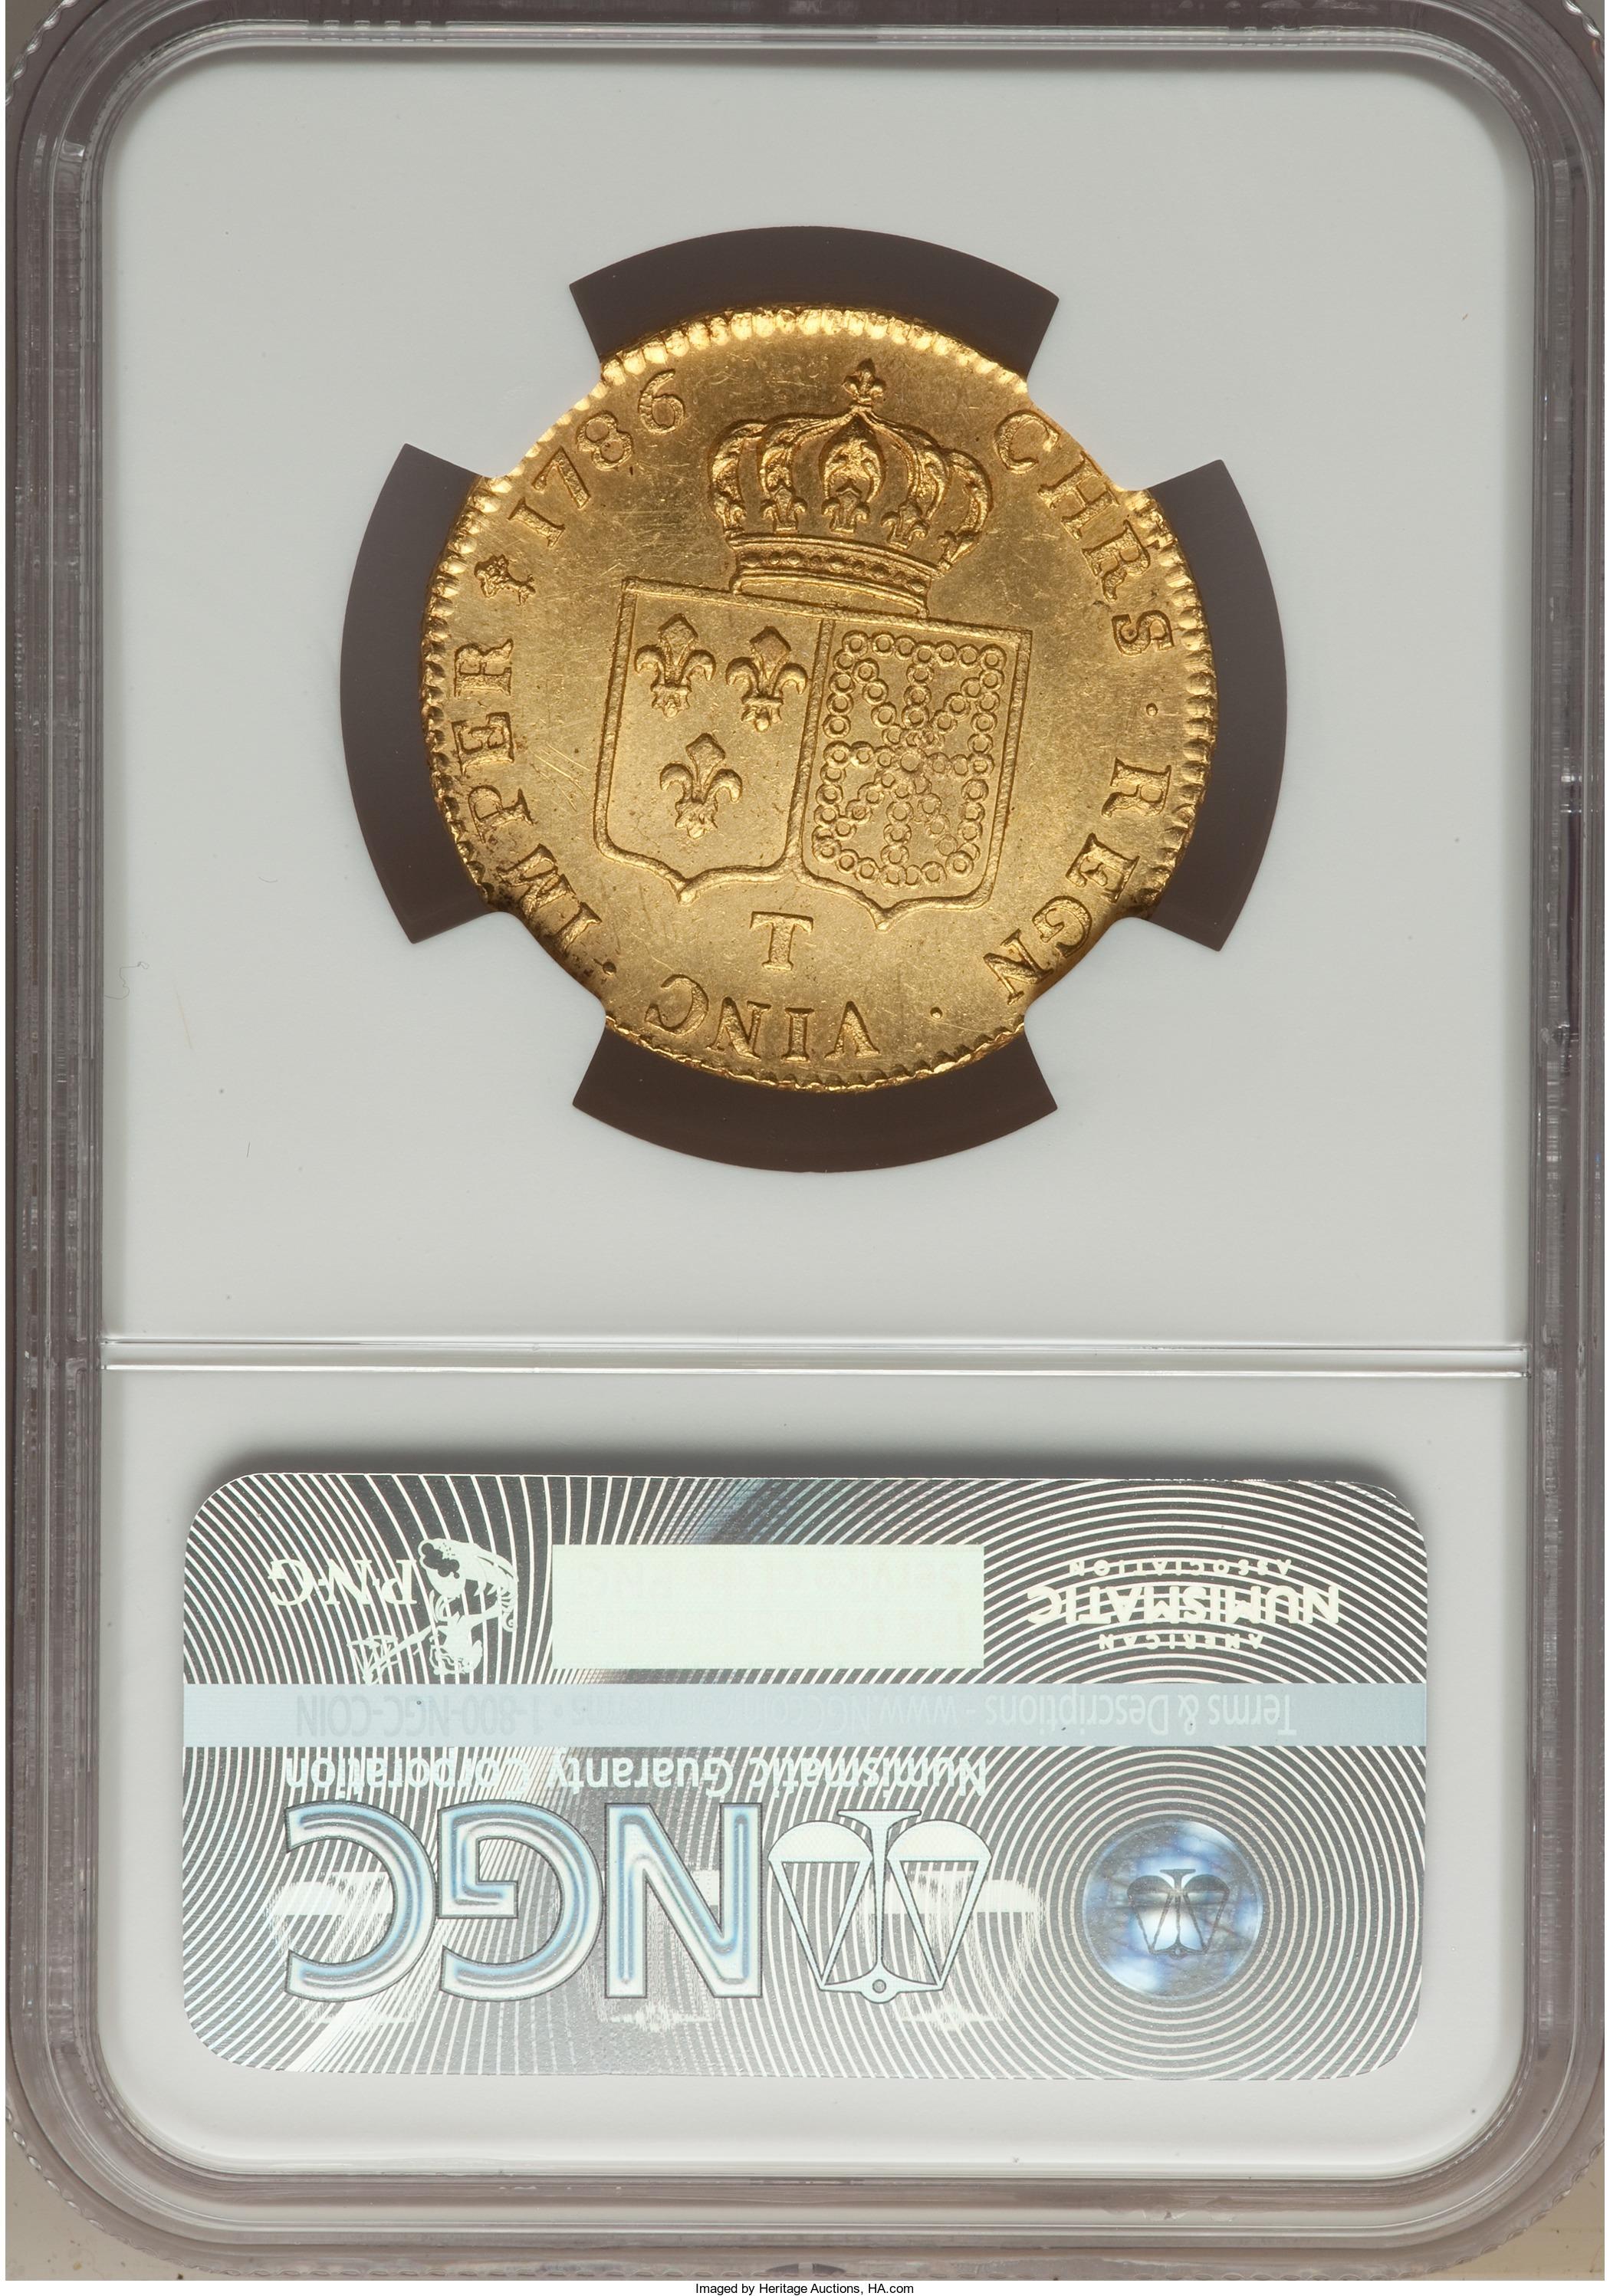 【動画あり】アンティークコイン フランス 1786年ルイ16世2ルイドール金貨1786-T MS63 NGC